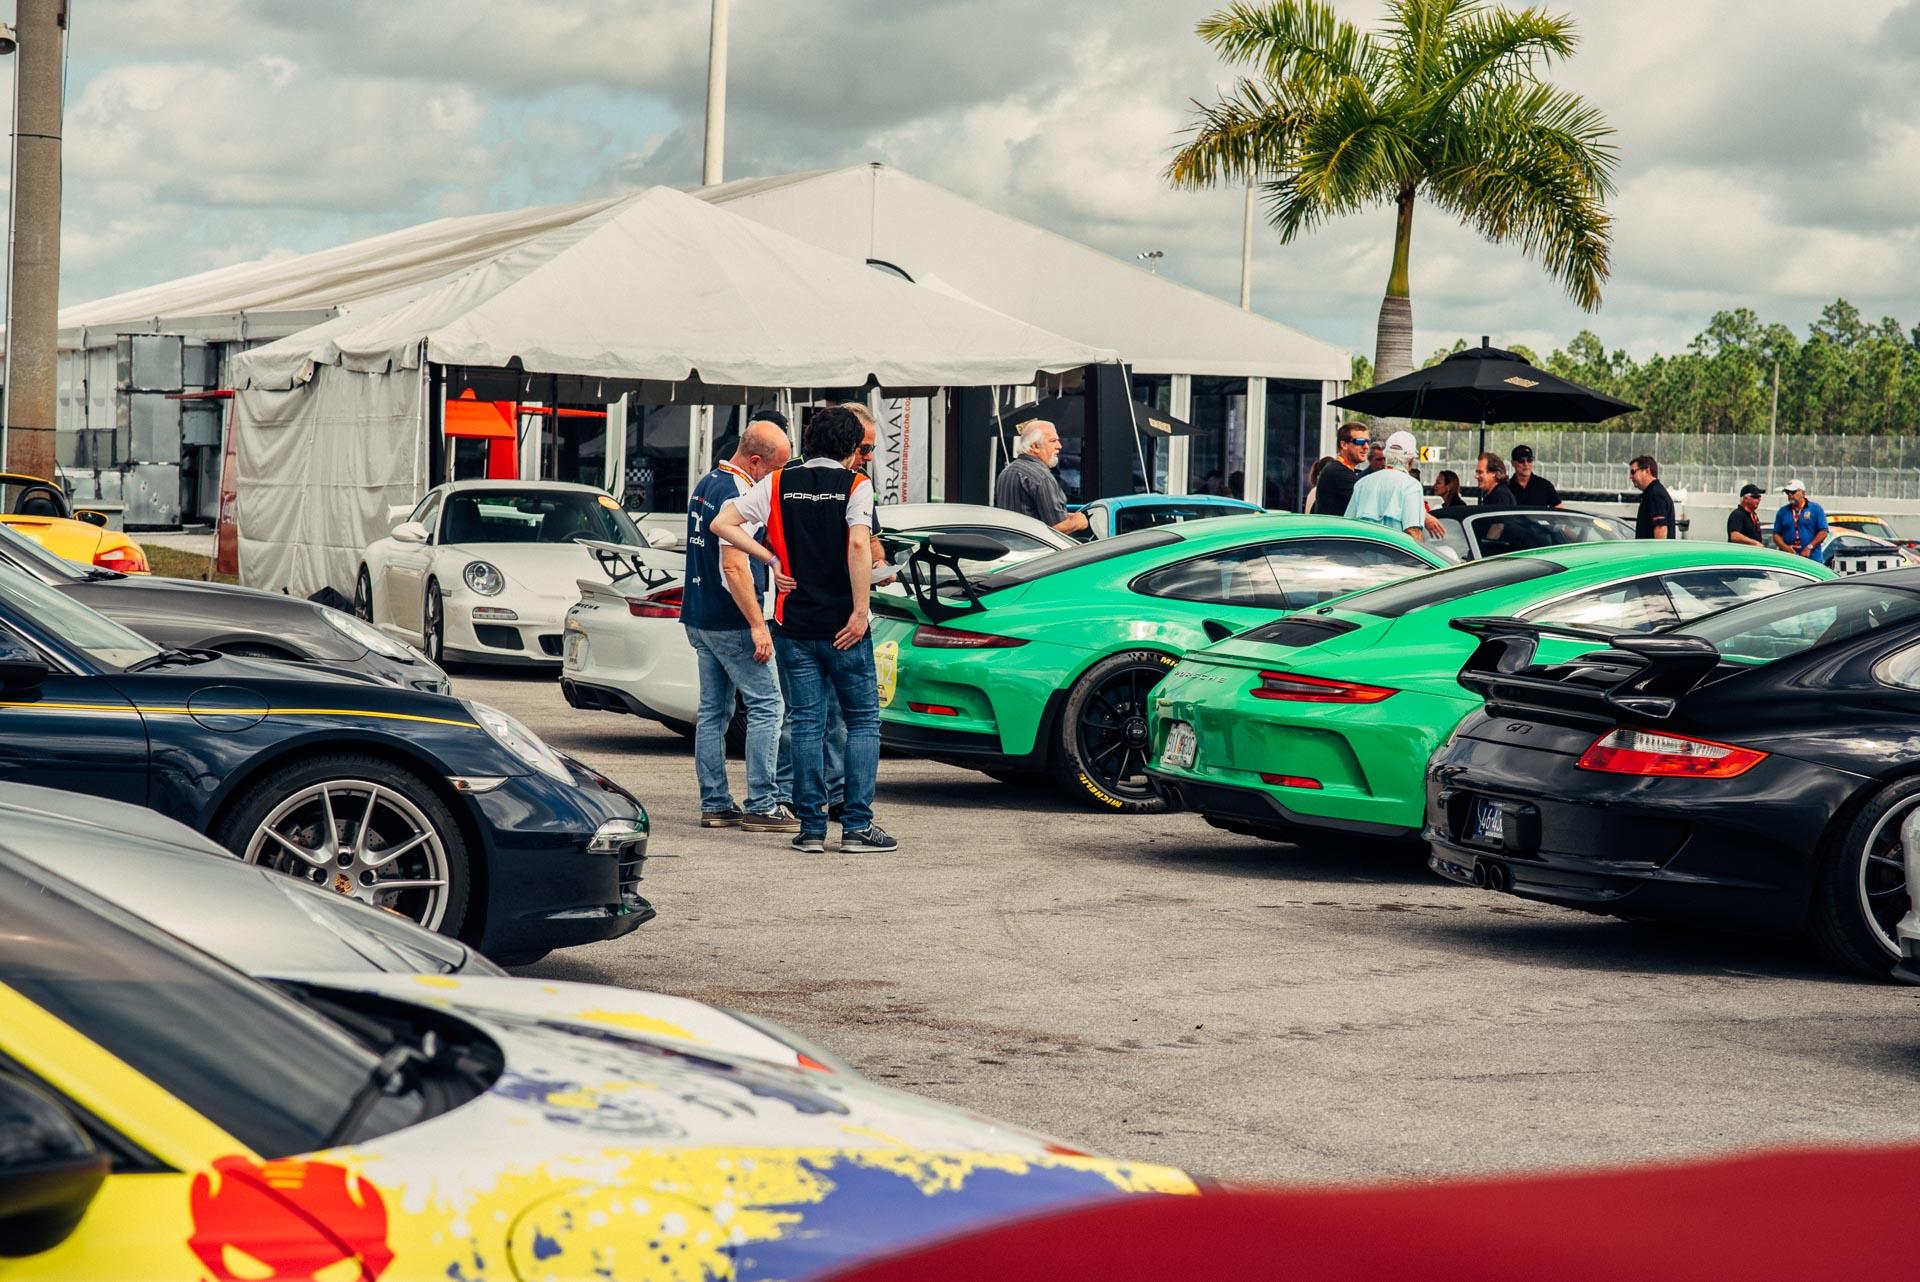 Porsche rear ends lined up at DRT Das Renn Treffen 2019